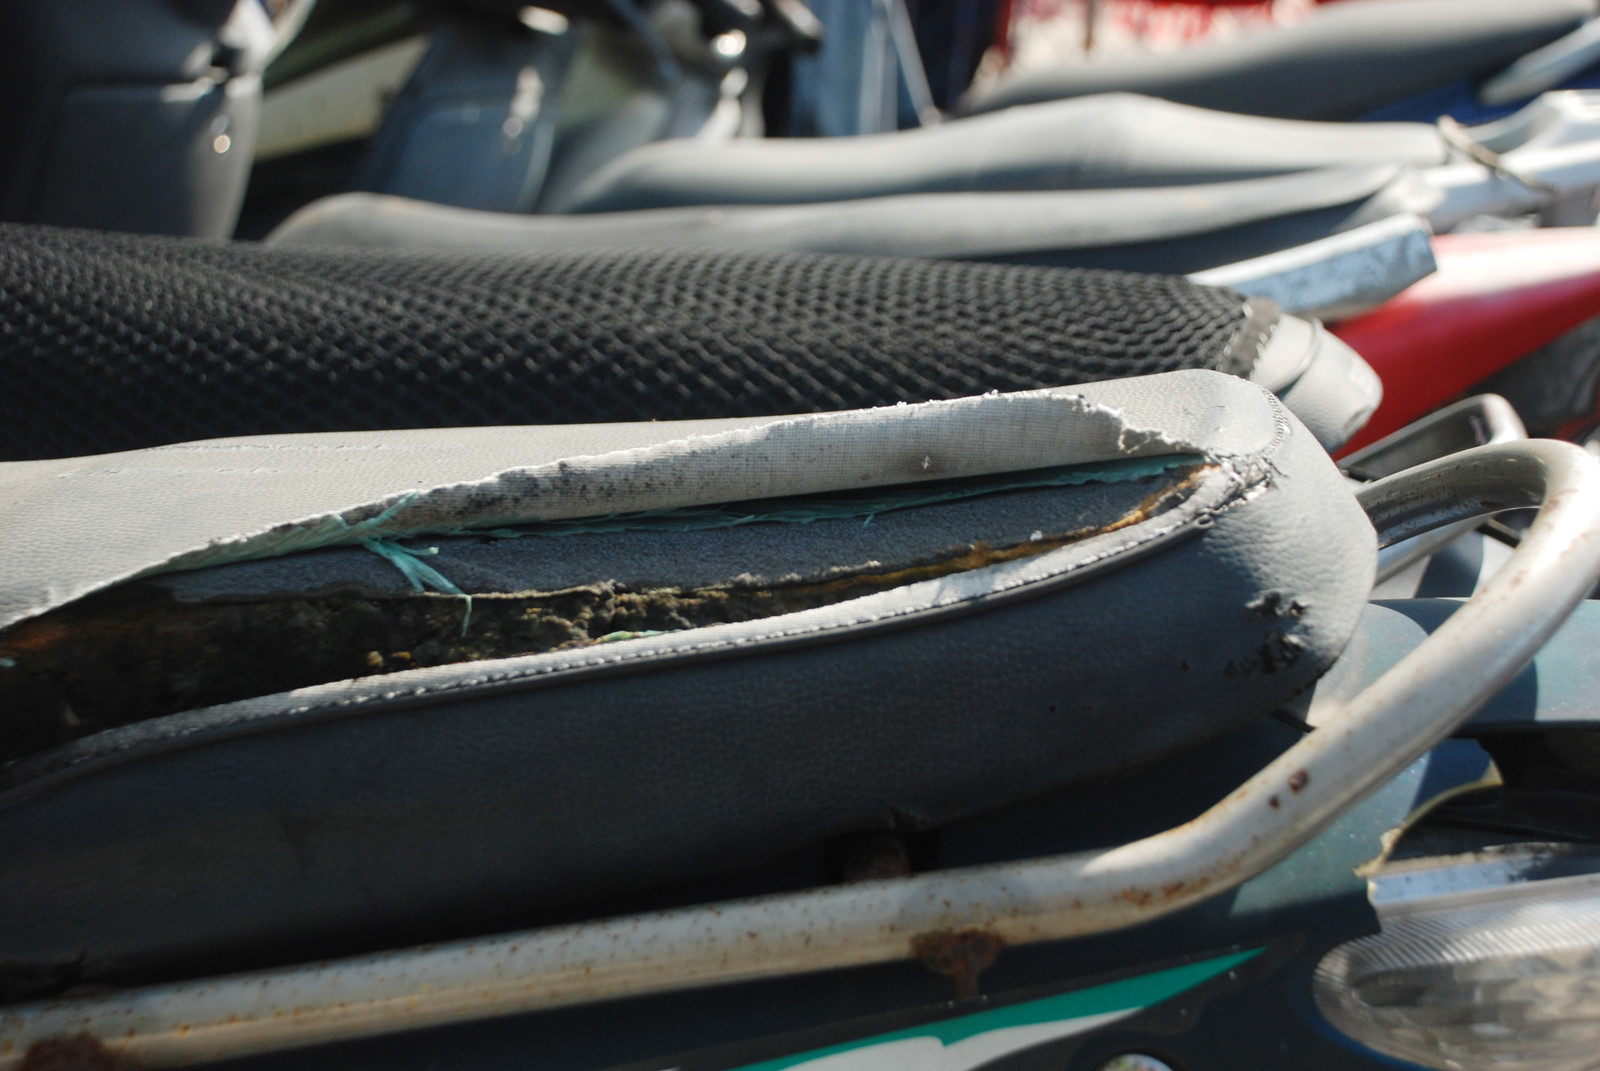 Yên xe kém chất lượng - nguyên nhân gây thoát vị đĩa đệm cùng Keo Rồng